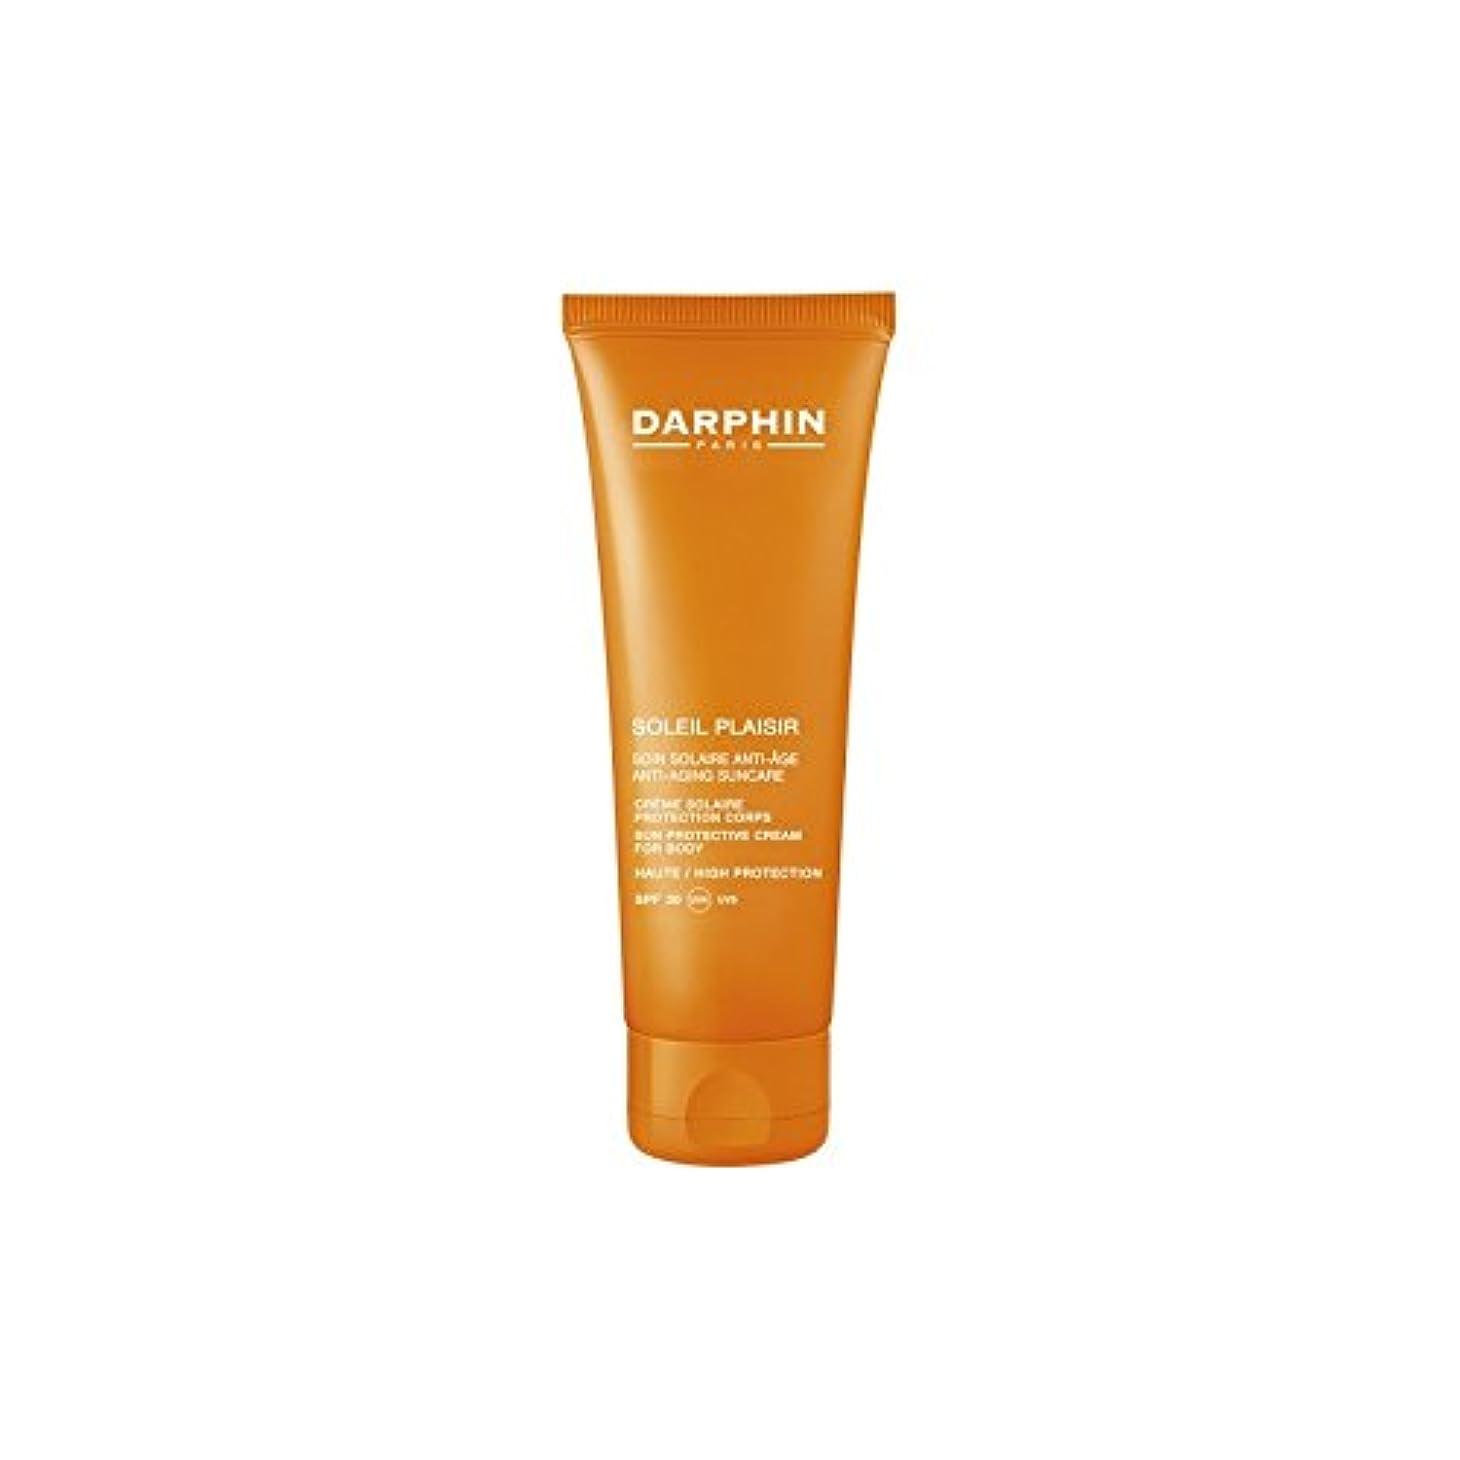 メキシコ道徳進行中ダルファンソレイユプレジールボディクリーム x4 - Darphin Soleil Plaisir Body Cream (Pack of 4) [並行輸入品]